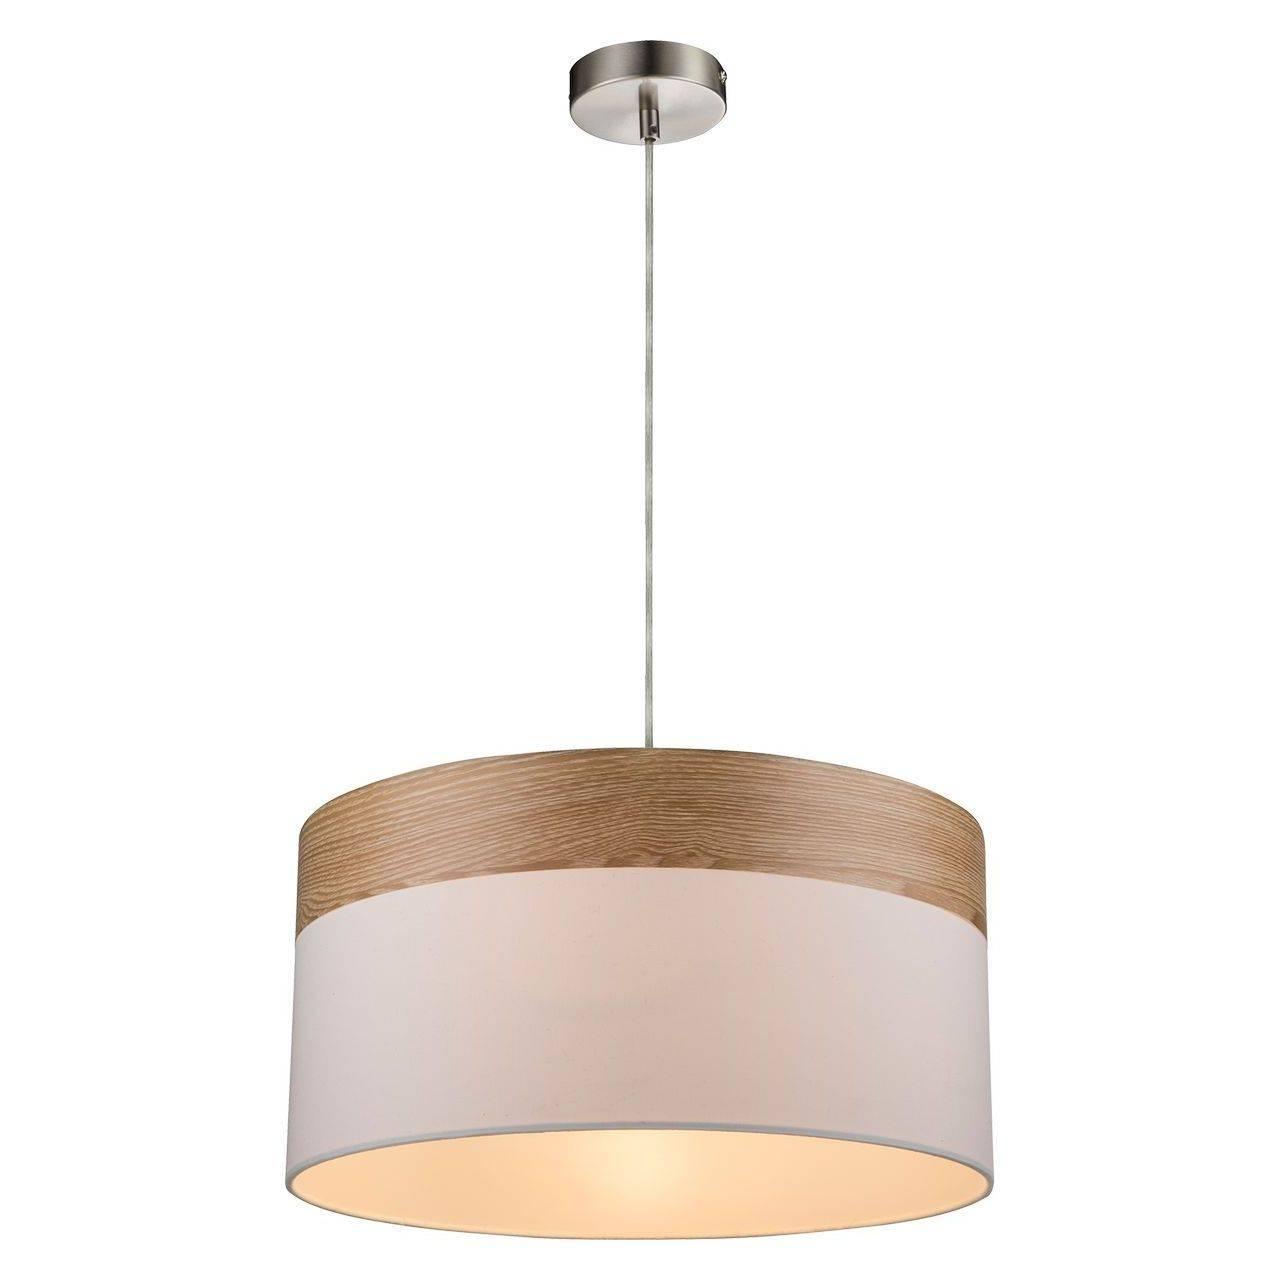 Купить Подвесной светильник Globo Chipsy, inmyroom, Австрия